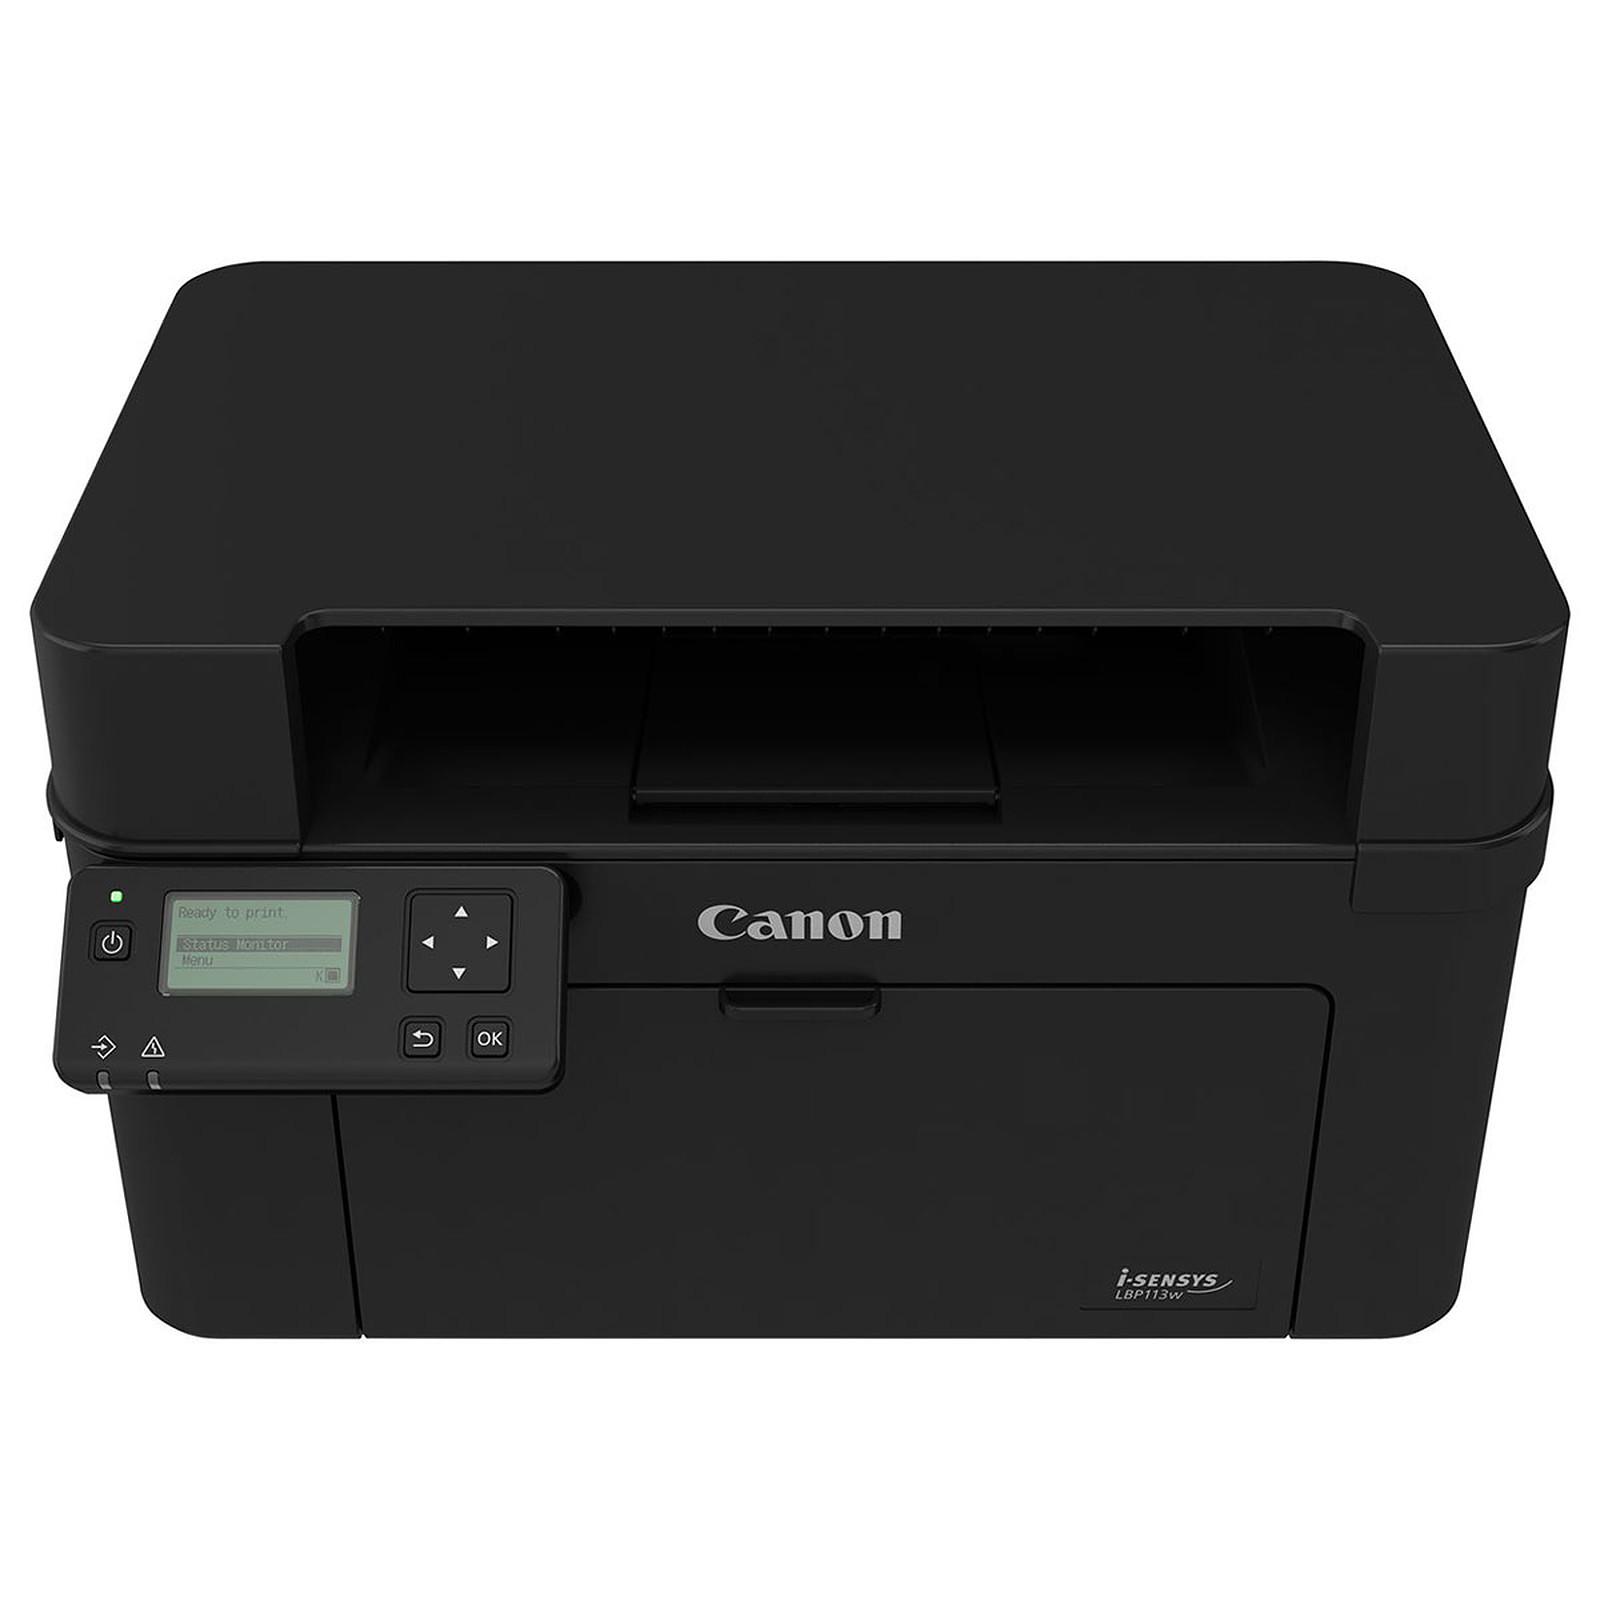 I-SENSYS LBP113W (2207C001) - Achat / Vente Imprimante sur Picata.fr - 0